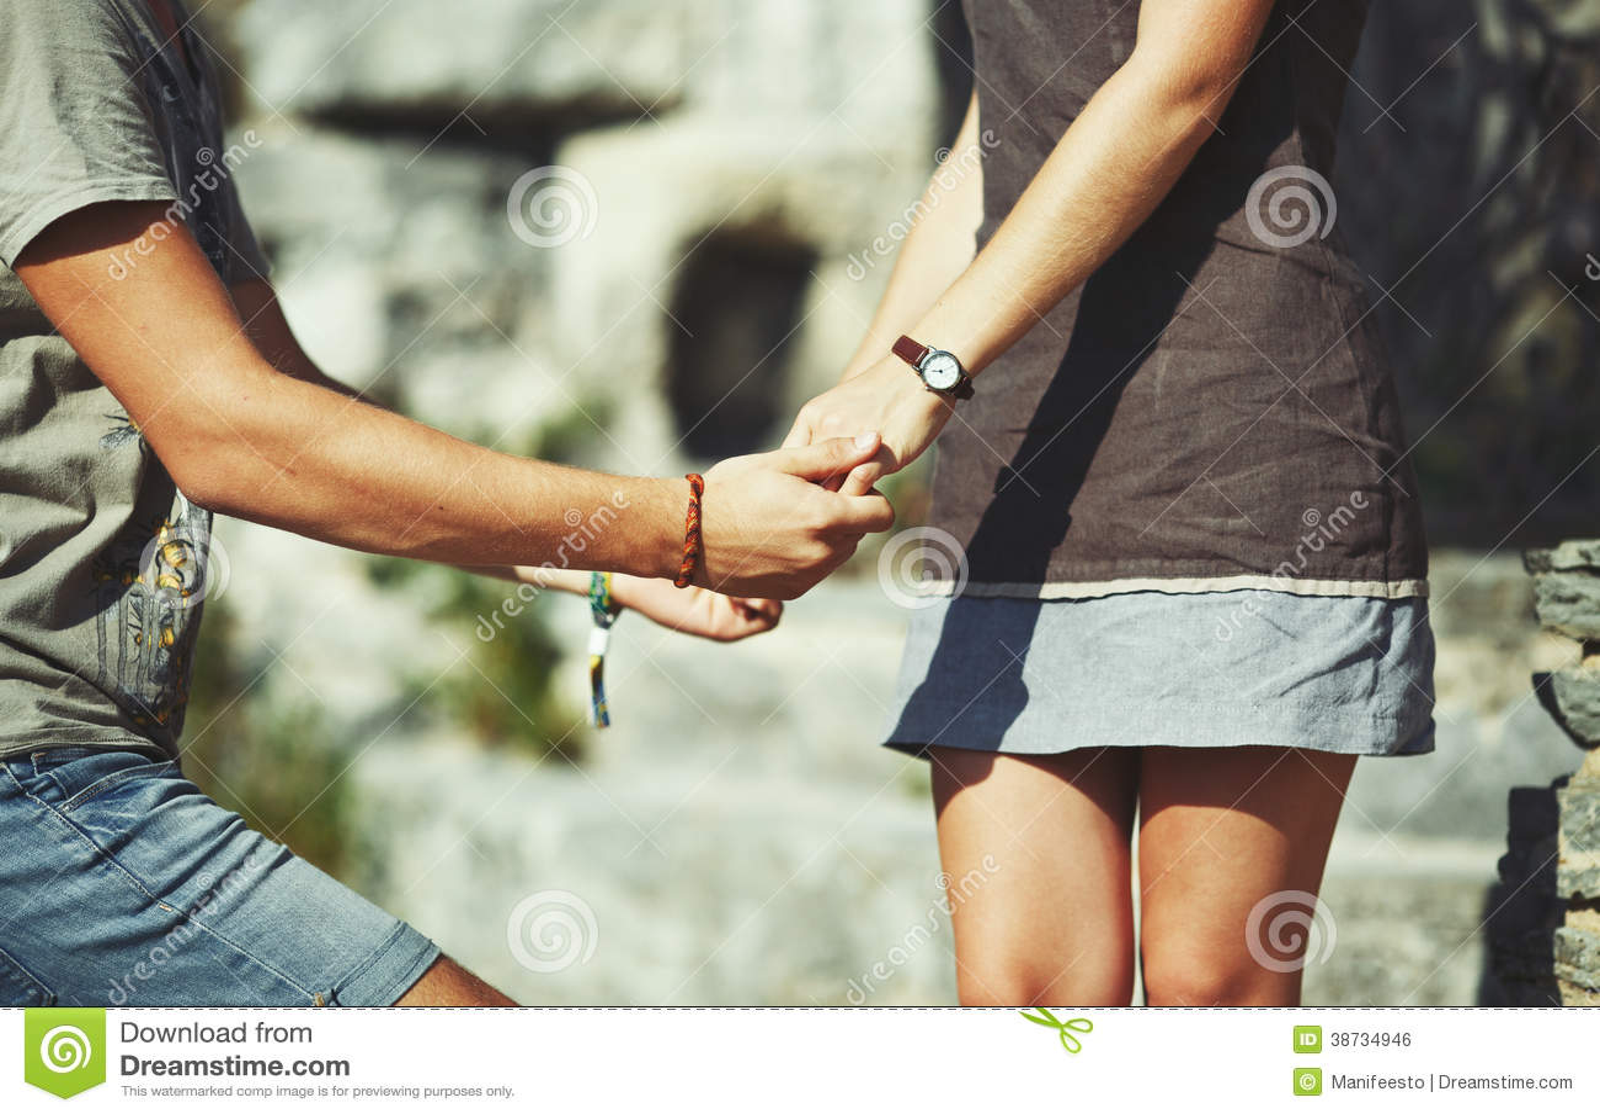 Teen couple Sweet